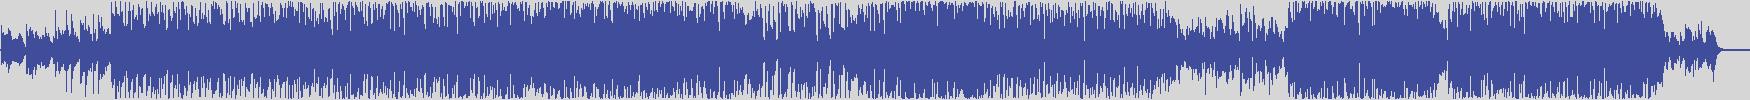 gold_hit_records [GHR003] Lucas Castro - Patita [Radio Edit] audio wave form